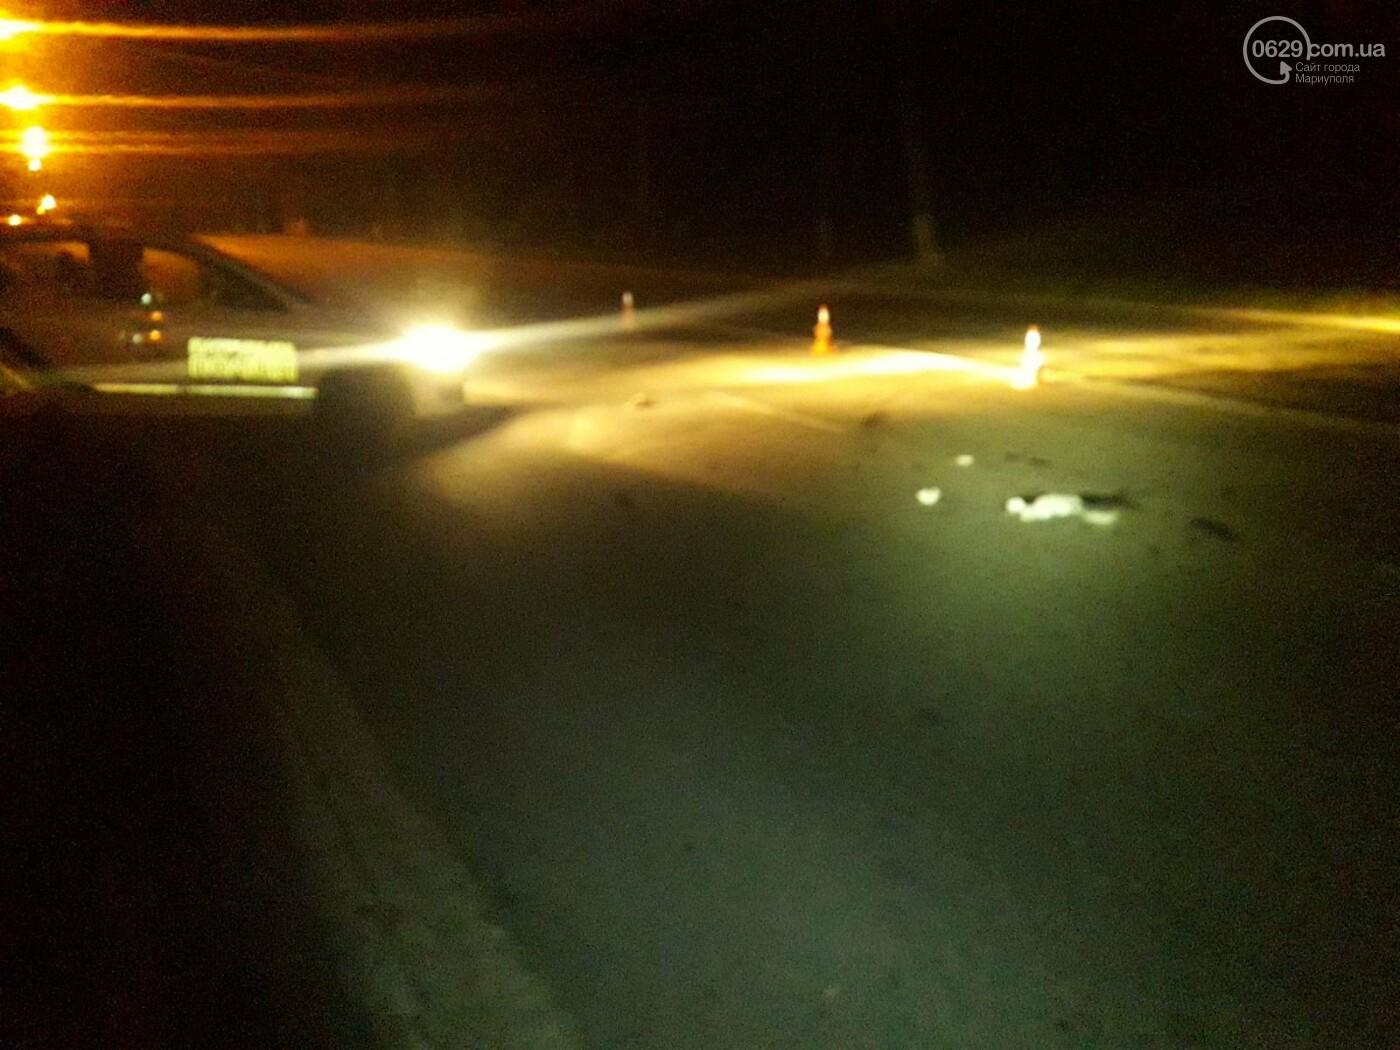 В Мариуполе водитель авто сбил женщину и скрылся с места аварии, - ФОТО, фото-2